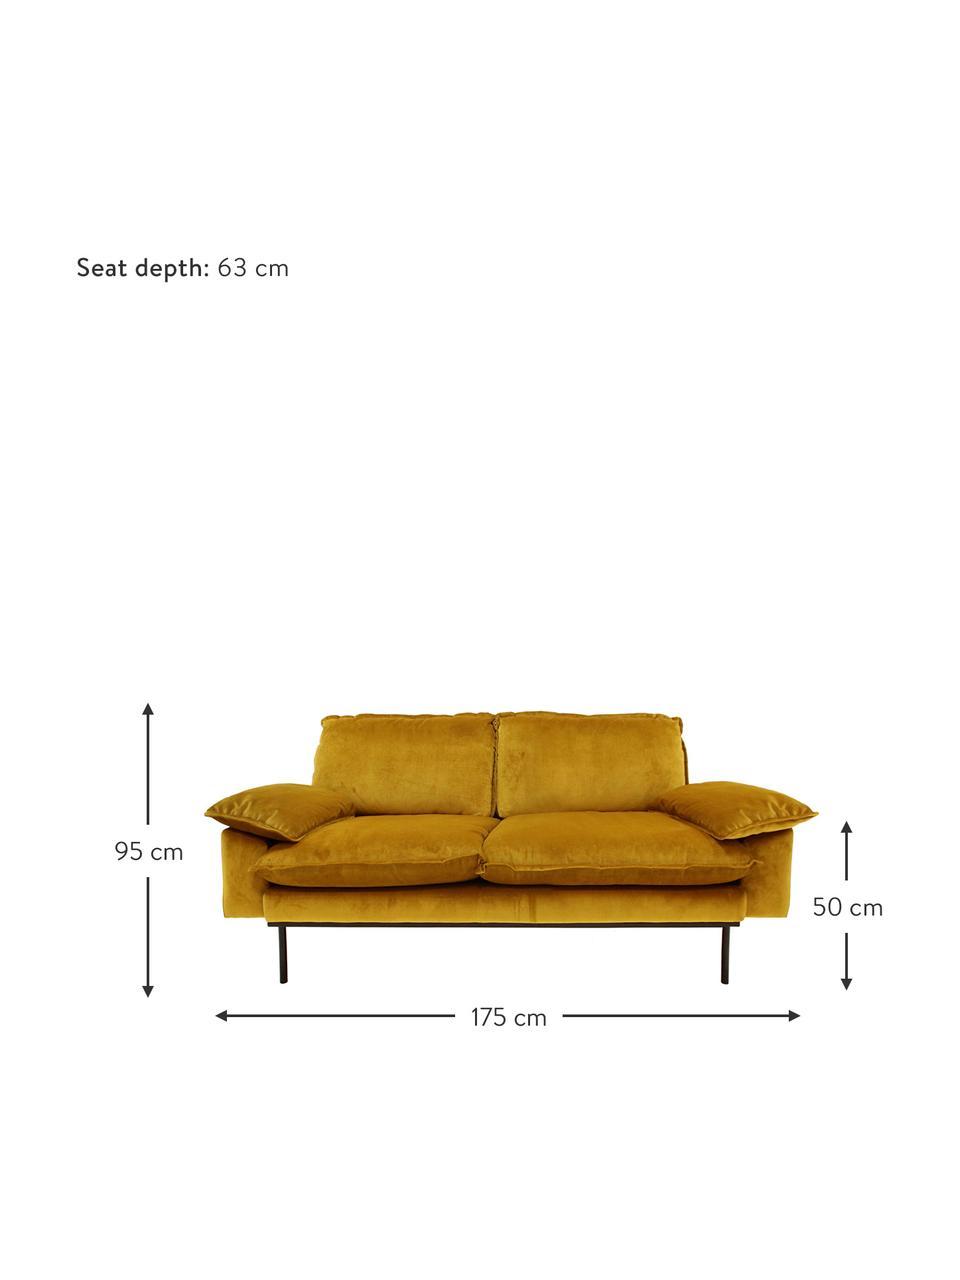 Samt-Sofa Retro (2-Sitzer) in Gelb mit Metall-Füßen, Bezug: Polyestersamt 86.000 Sche, Korpus: Mitteldichte Holzfaserpla, Füße: Metall, pulverbeschichtet, Samt Ocker, B 175 x T 83 cm